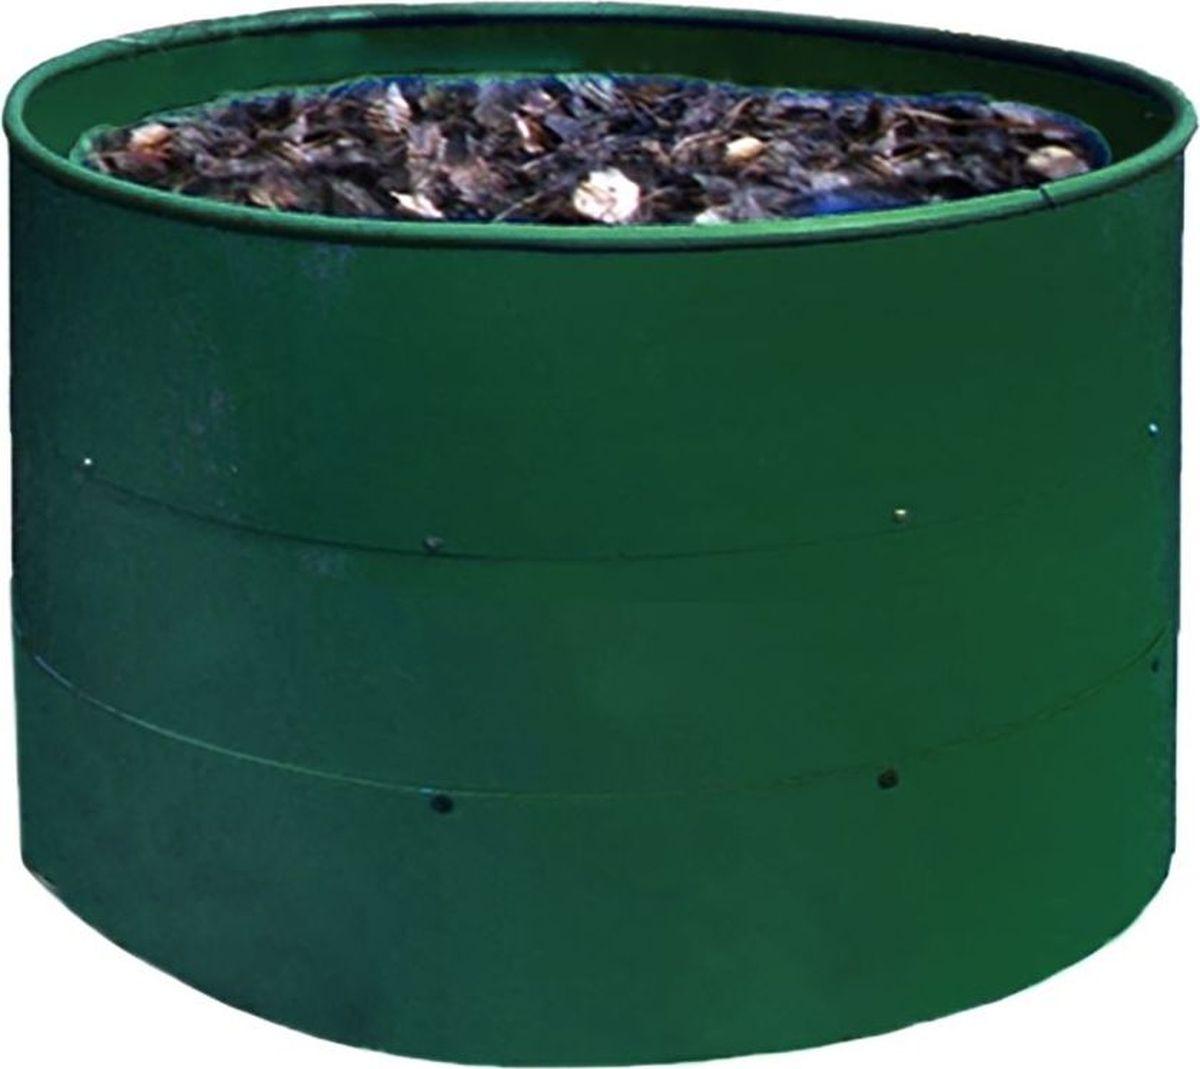 Компостер садовый ГарденПласт, 500 л09840-20.000.00Компостер позволяет создать на дачном участке безотходное производство. С помощью аккуратного компактного контейнера (ширина — 35 см, высота — 0,7 м) вы одновременно избавитесь от убранных листьев и травы и получить удобрение.Преимущества изделияМожно собрать, разобрать и увезти с дачи на зиму.Помещается в автомобиле благодаря компактным размерам (35 ? 25 ? 35 см).Требует минимум ухода, всегда выглядит как новое.Не деформируется в морозы, не выцветает на солнце.